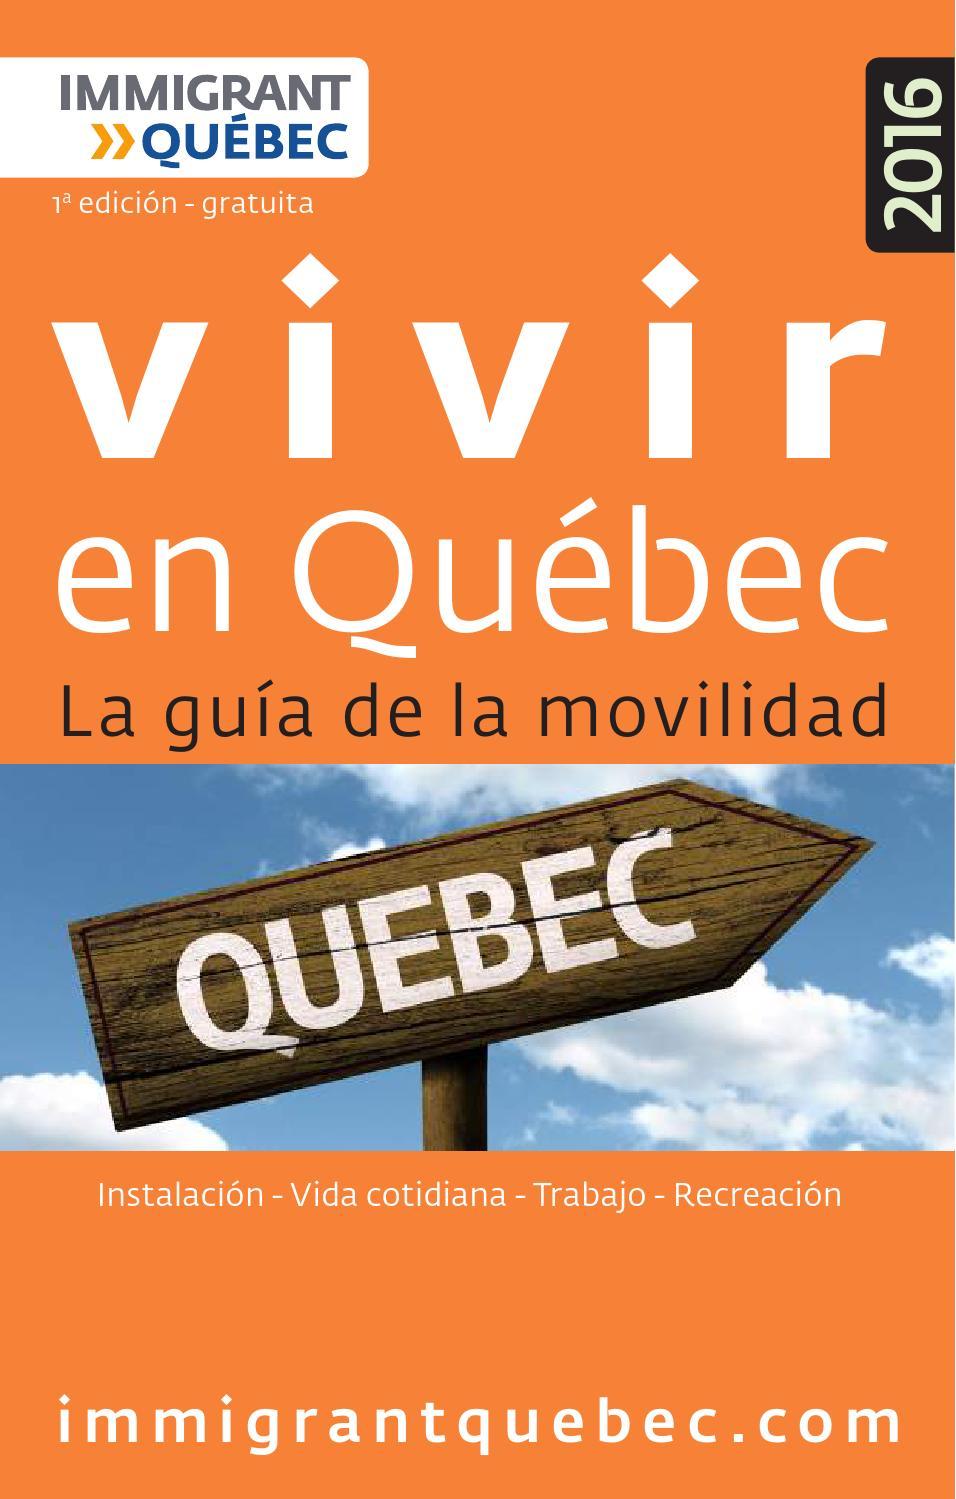 2016 vivir en quebec by CVbien - issuu